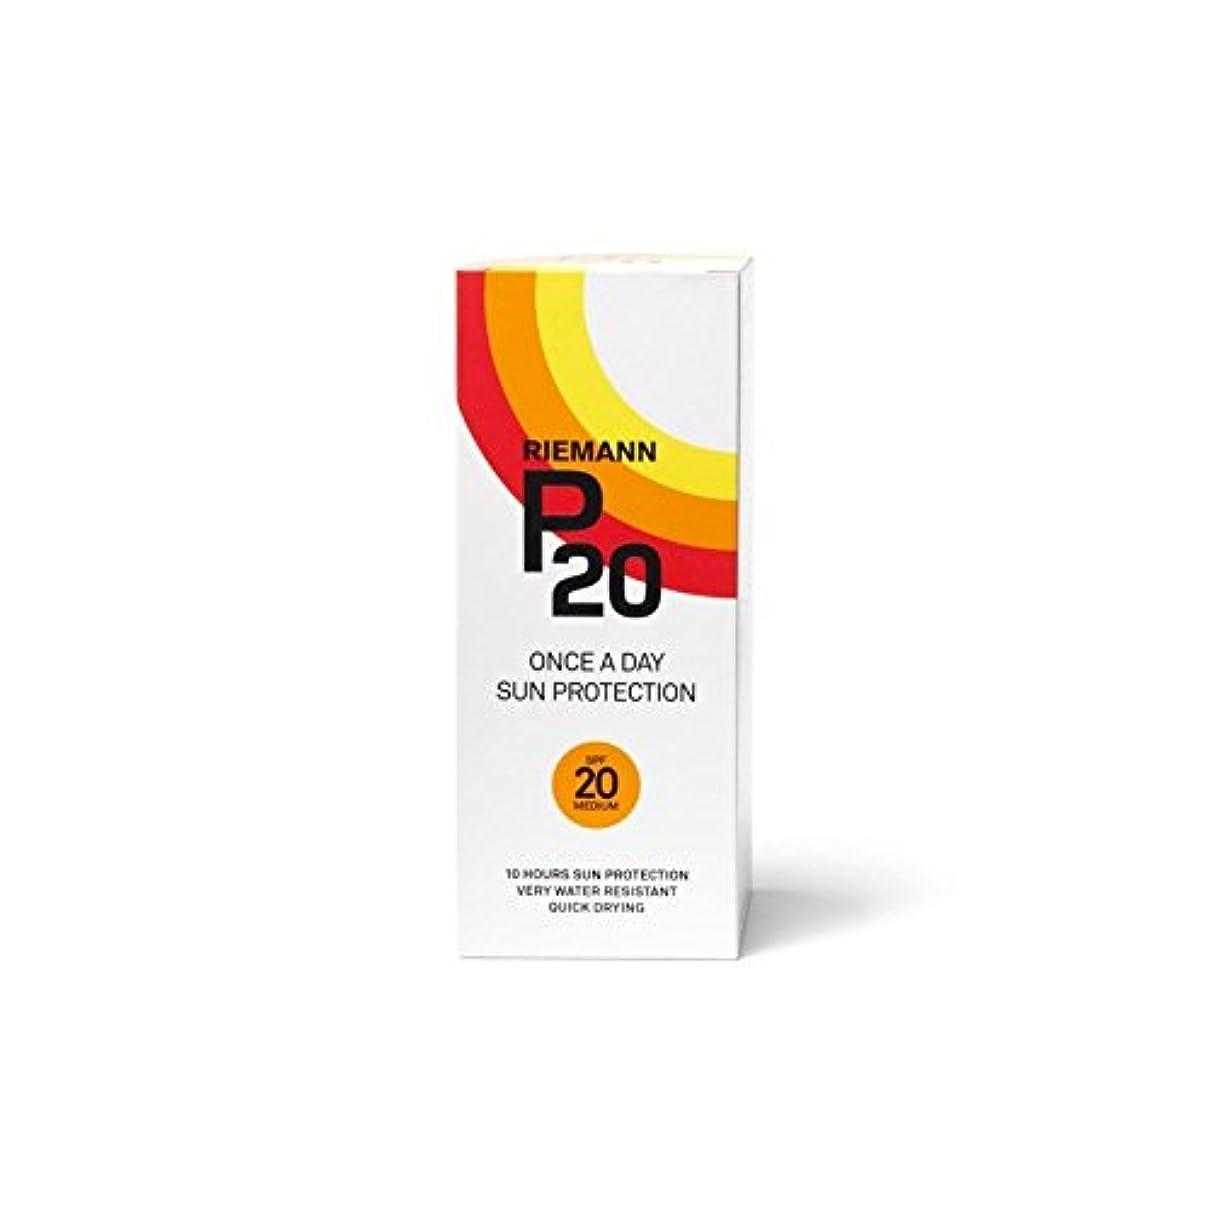 肥満誕生日数値リーマン20のサンフィルター200ミリリットル20 x4 - Riemann P20 Sun Filter 200ml SPF20 (Pack of 4) [並行輸入品]